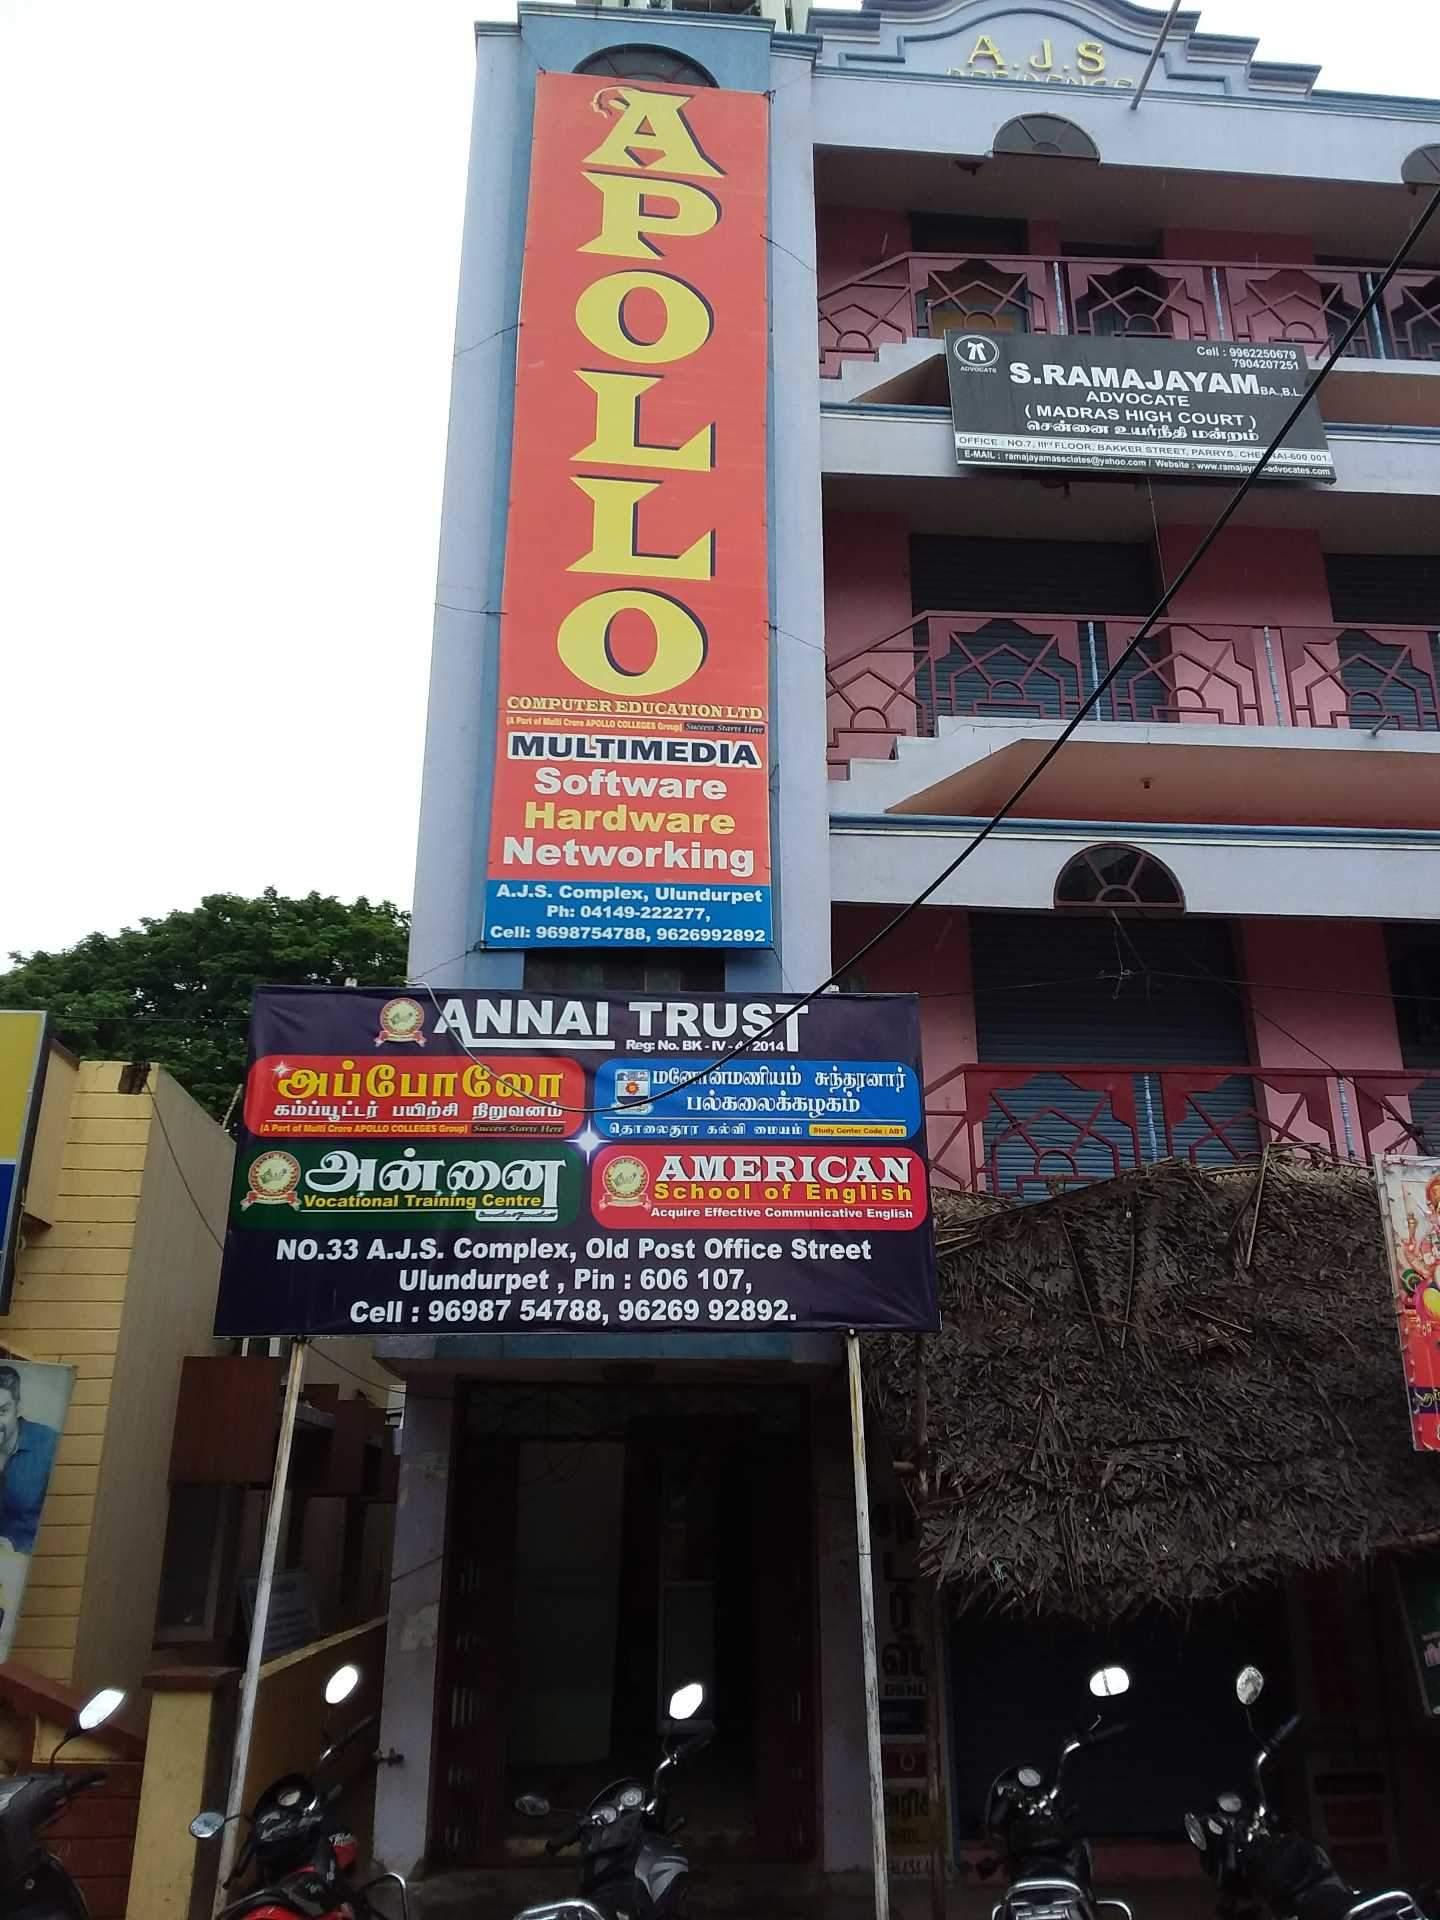 AUTOCAD Mep Training Institutes in Ulundurpet, Villupuram - Computer